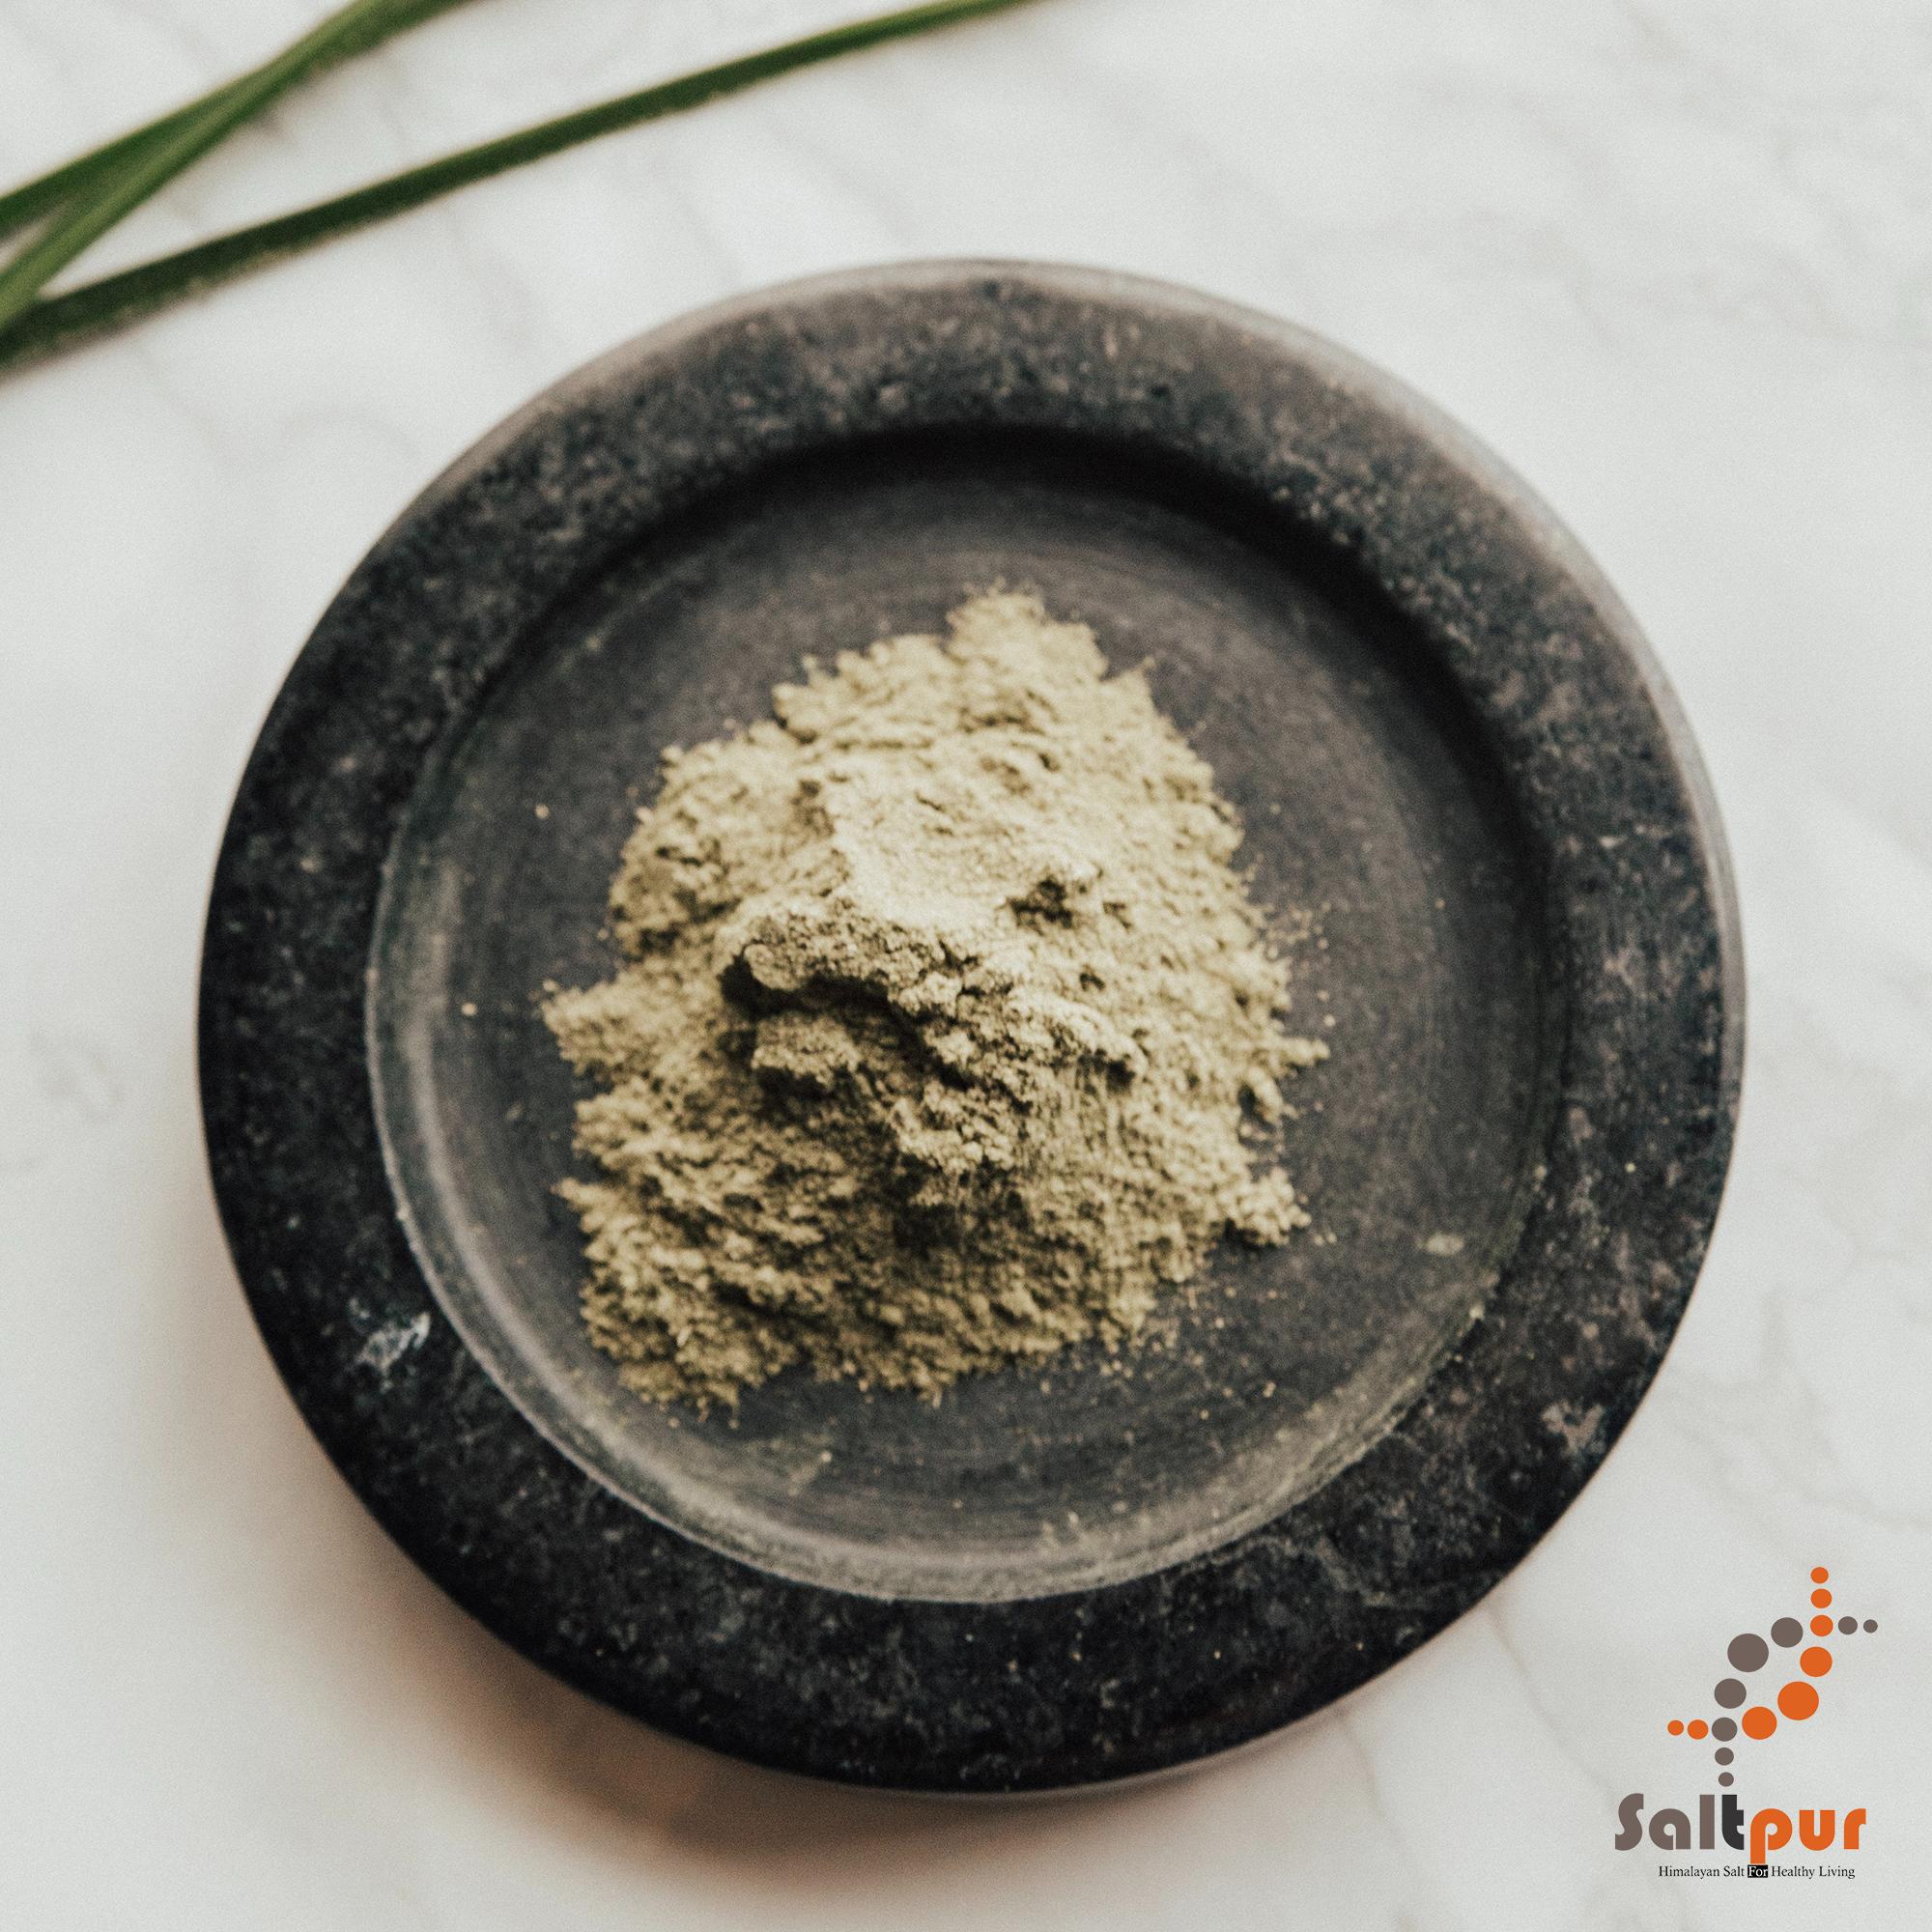 3 10 - Saltpur Himalayan Salts